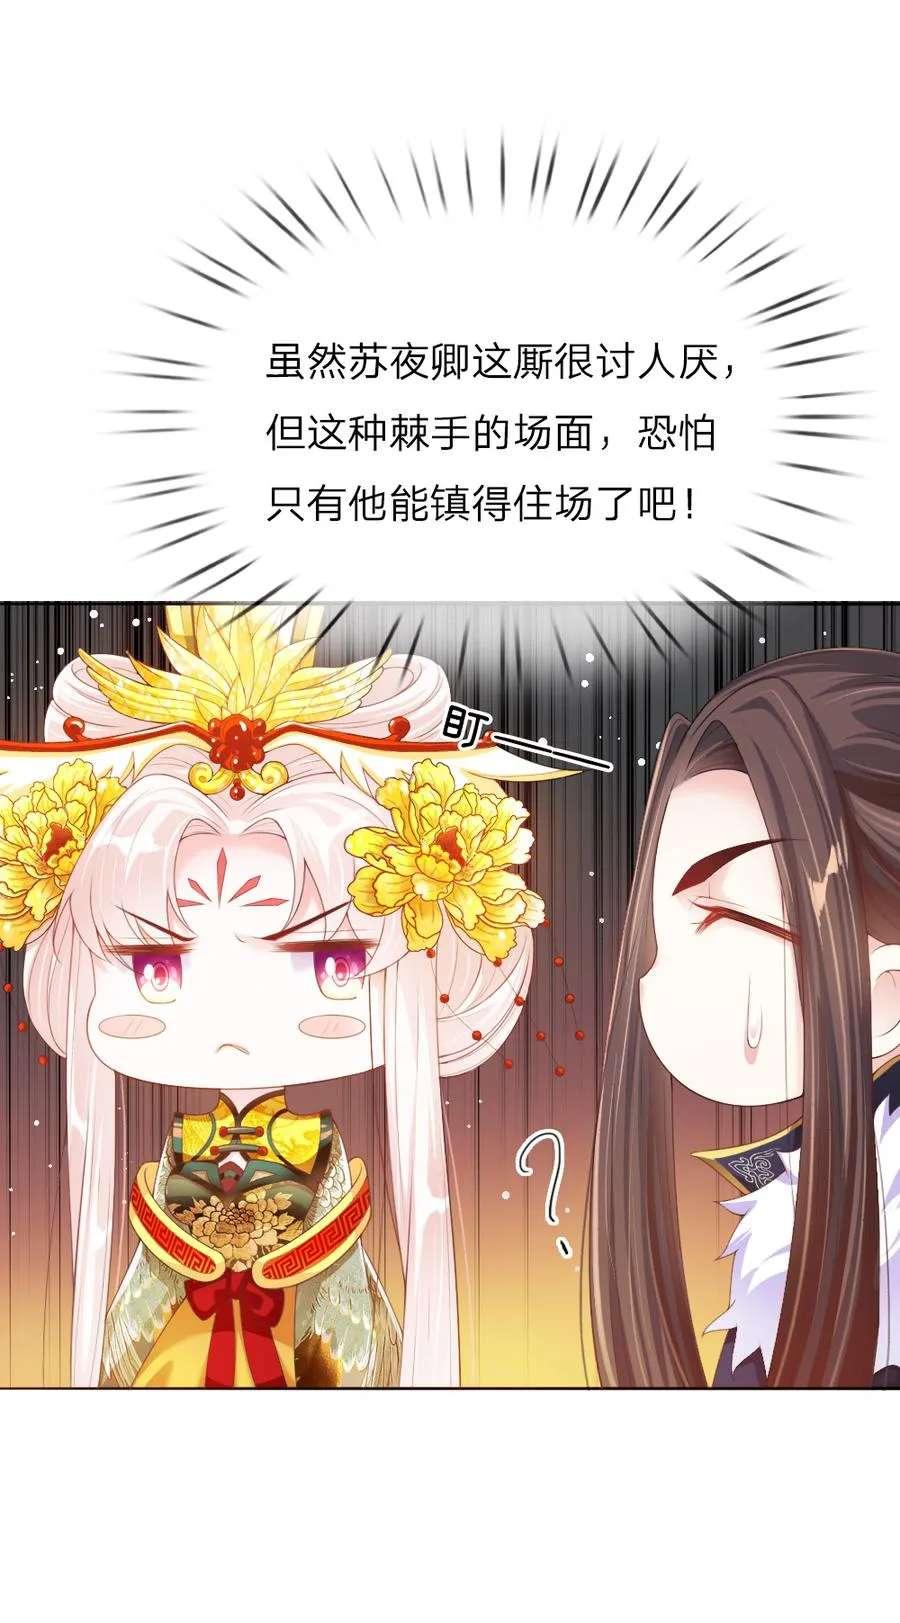 温柔暴君:摄政王爷太凶猛第11话  第11话 众臣逼宫 第 12